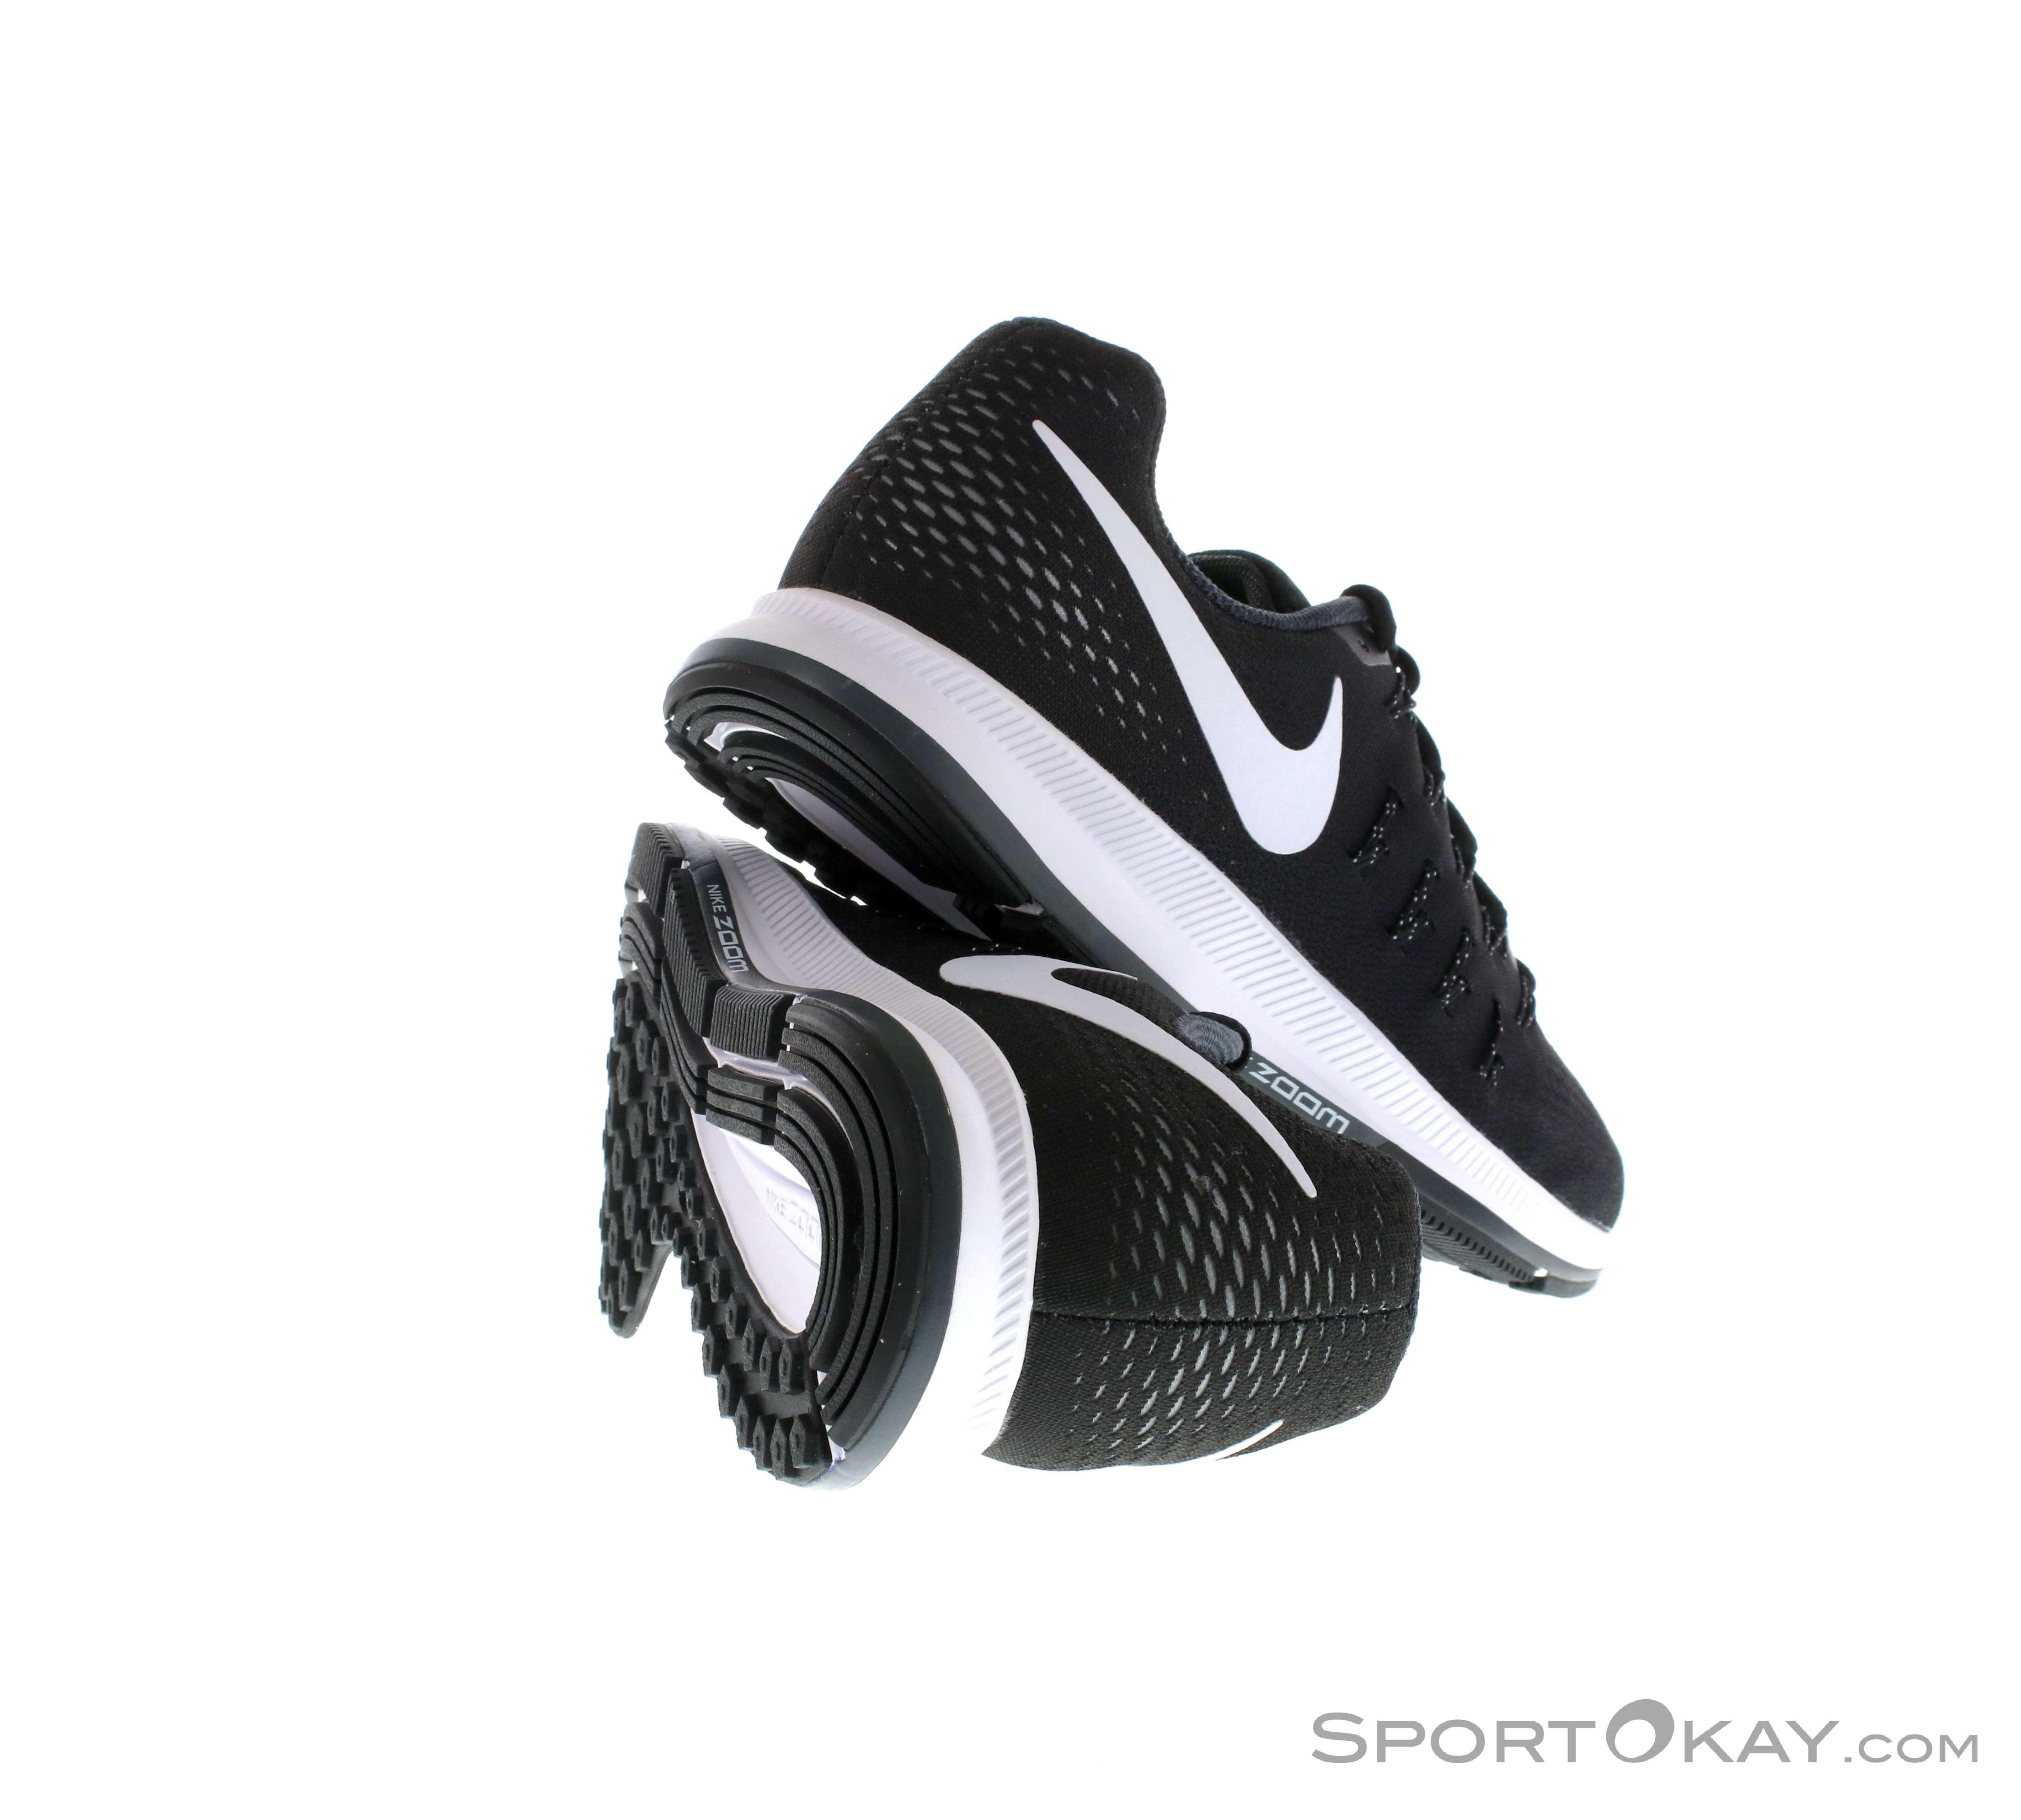 low priced 34c0e 4127d ... Nike Air Zoom Pegasus 33 Herren Laufschuhe, Nike, Schwarz, , Herren, ...